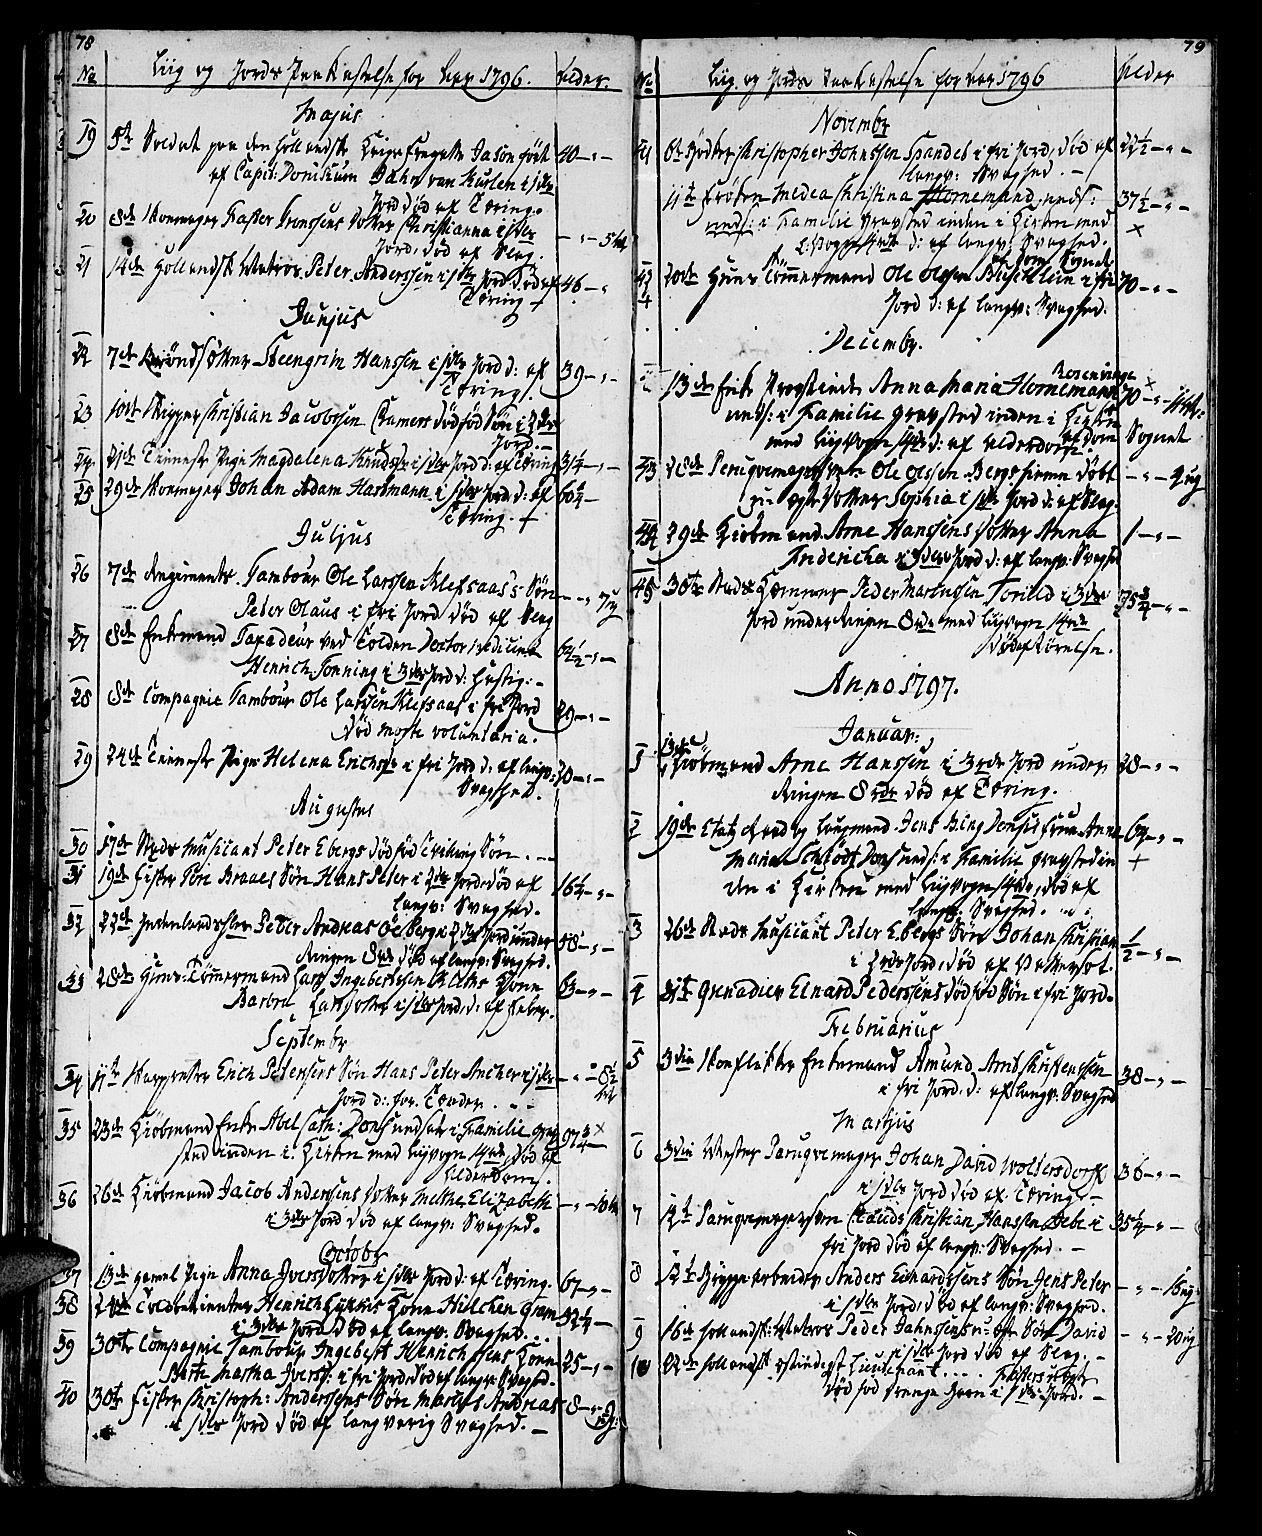 SAT, Ministerialprotokoller, klokkerbøker og fødselsregistre - Sør-Trøndelag, 602/L0134: Klokkerbok nr. 602C02, 1759-1812, s. 78-79